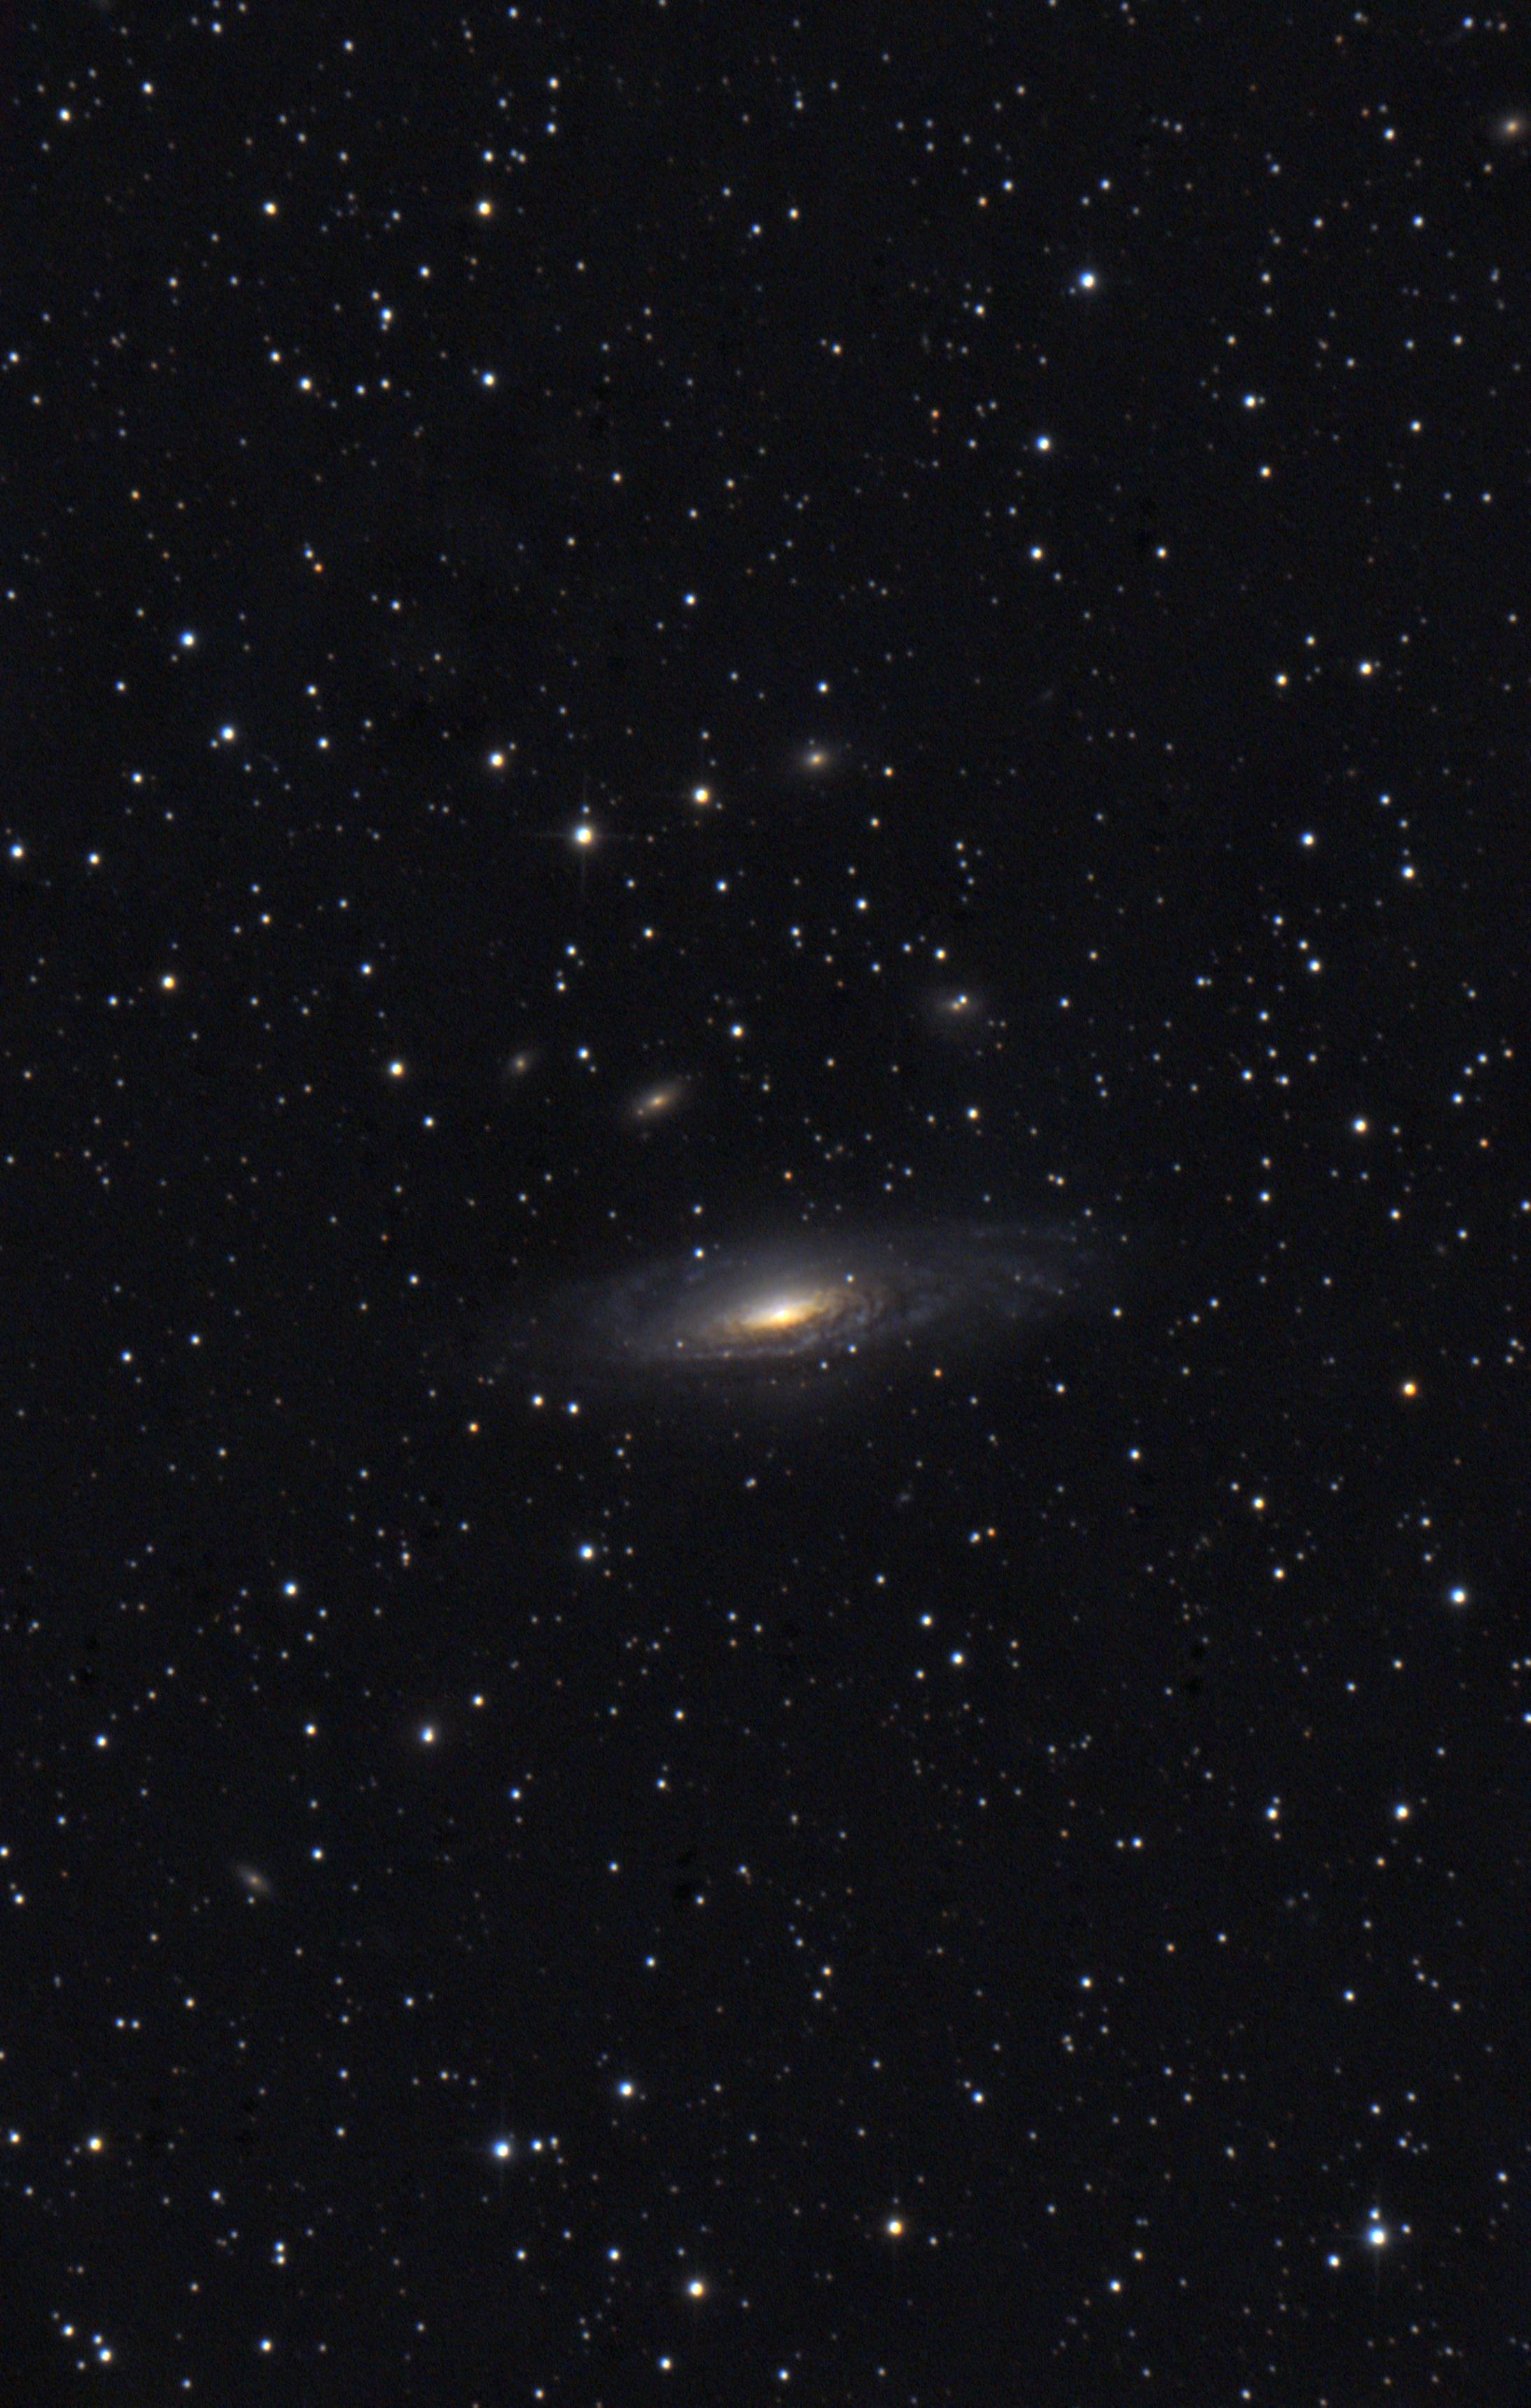 NGC7331